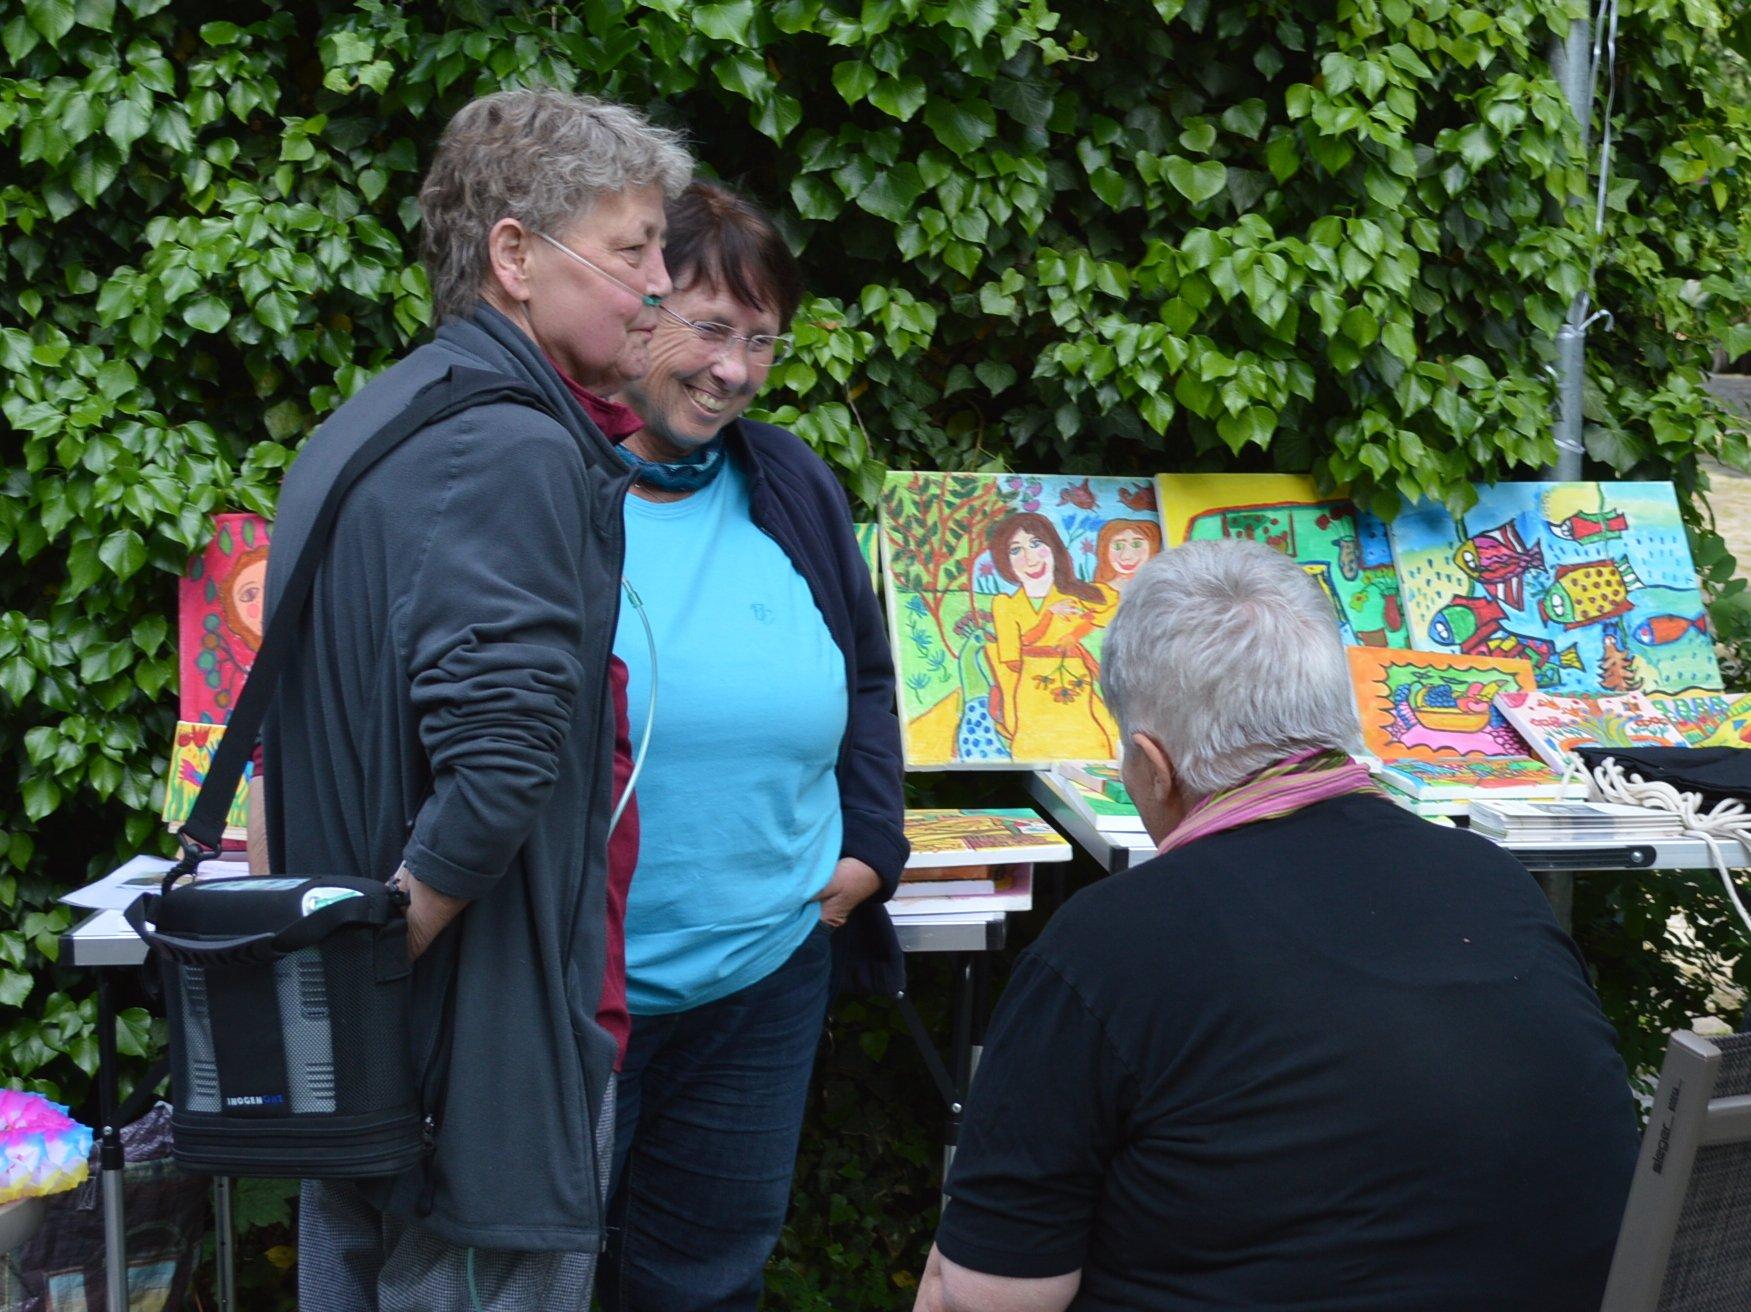 Zwei Damen unterhalten sich mit einer Dame, die ihre selbstgemalten Bilder ausstellt.